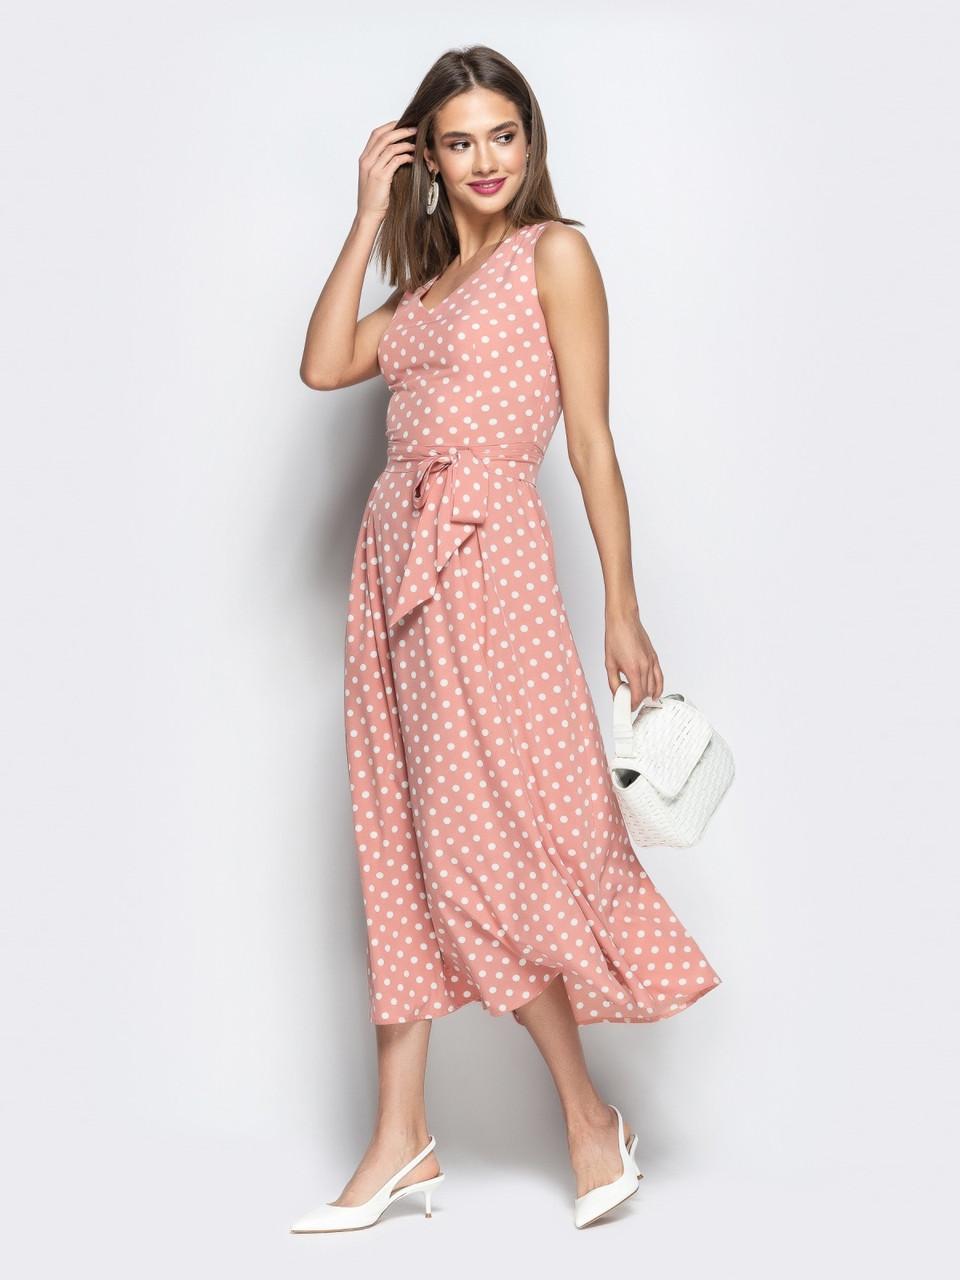 2887413cbc3 Романтичное женское платье в ретро стиле в горошек р.44